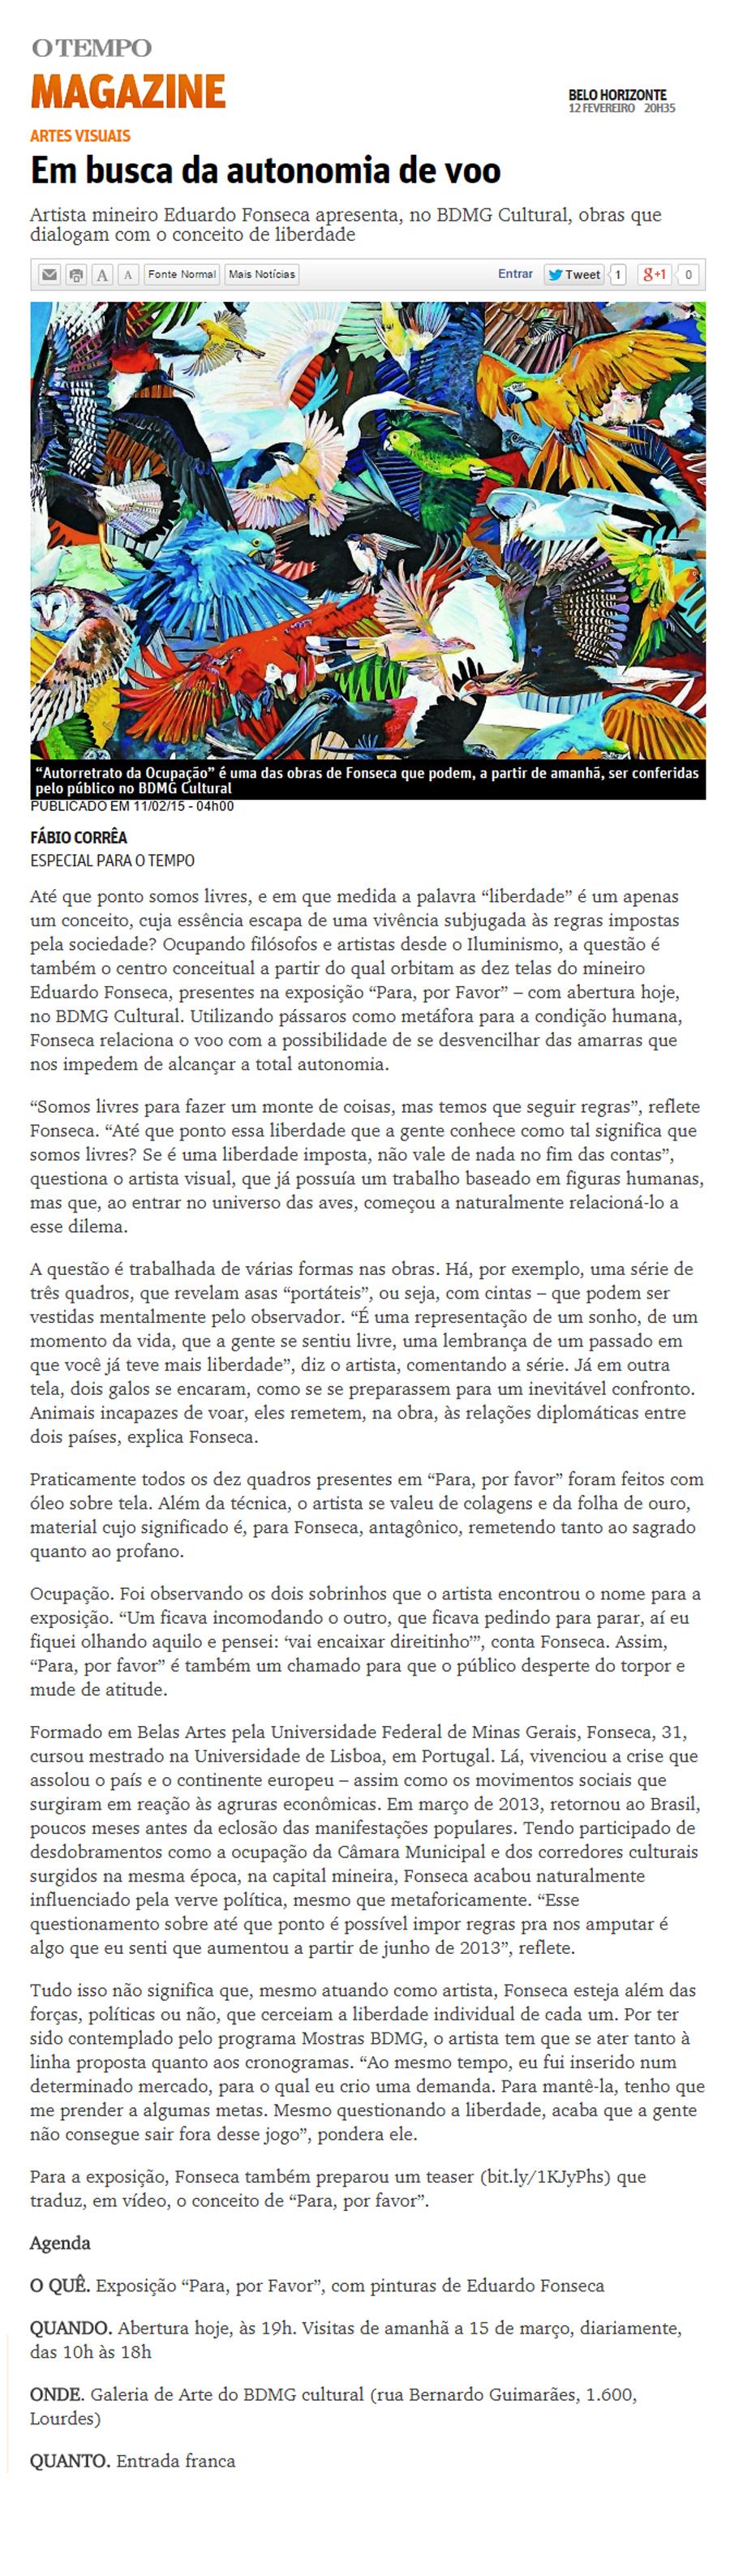 Jornal O Tempo